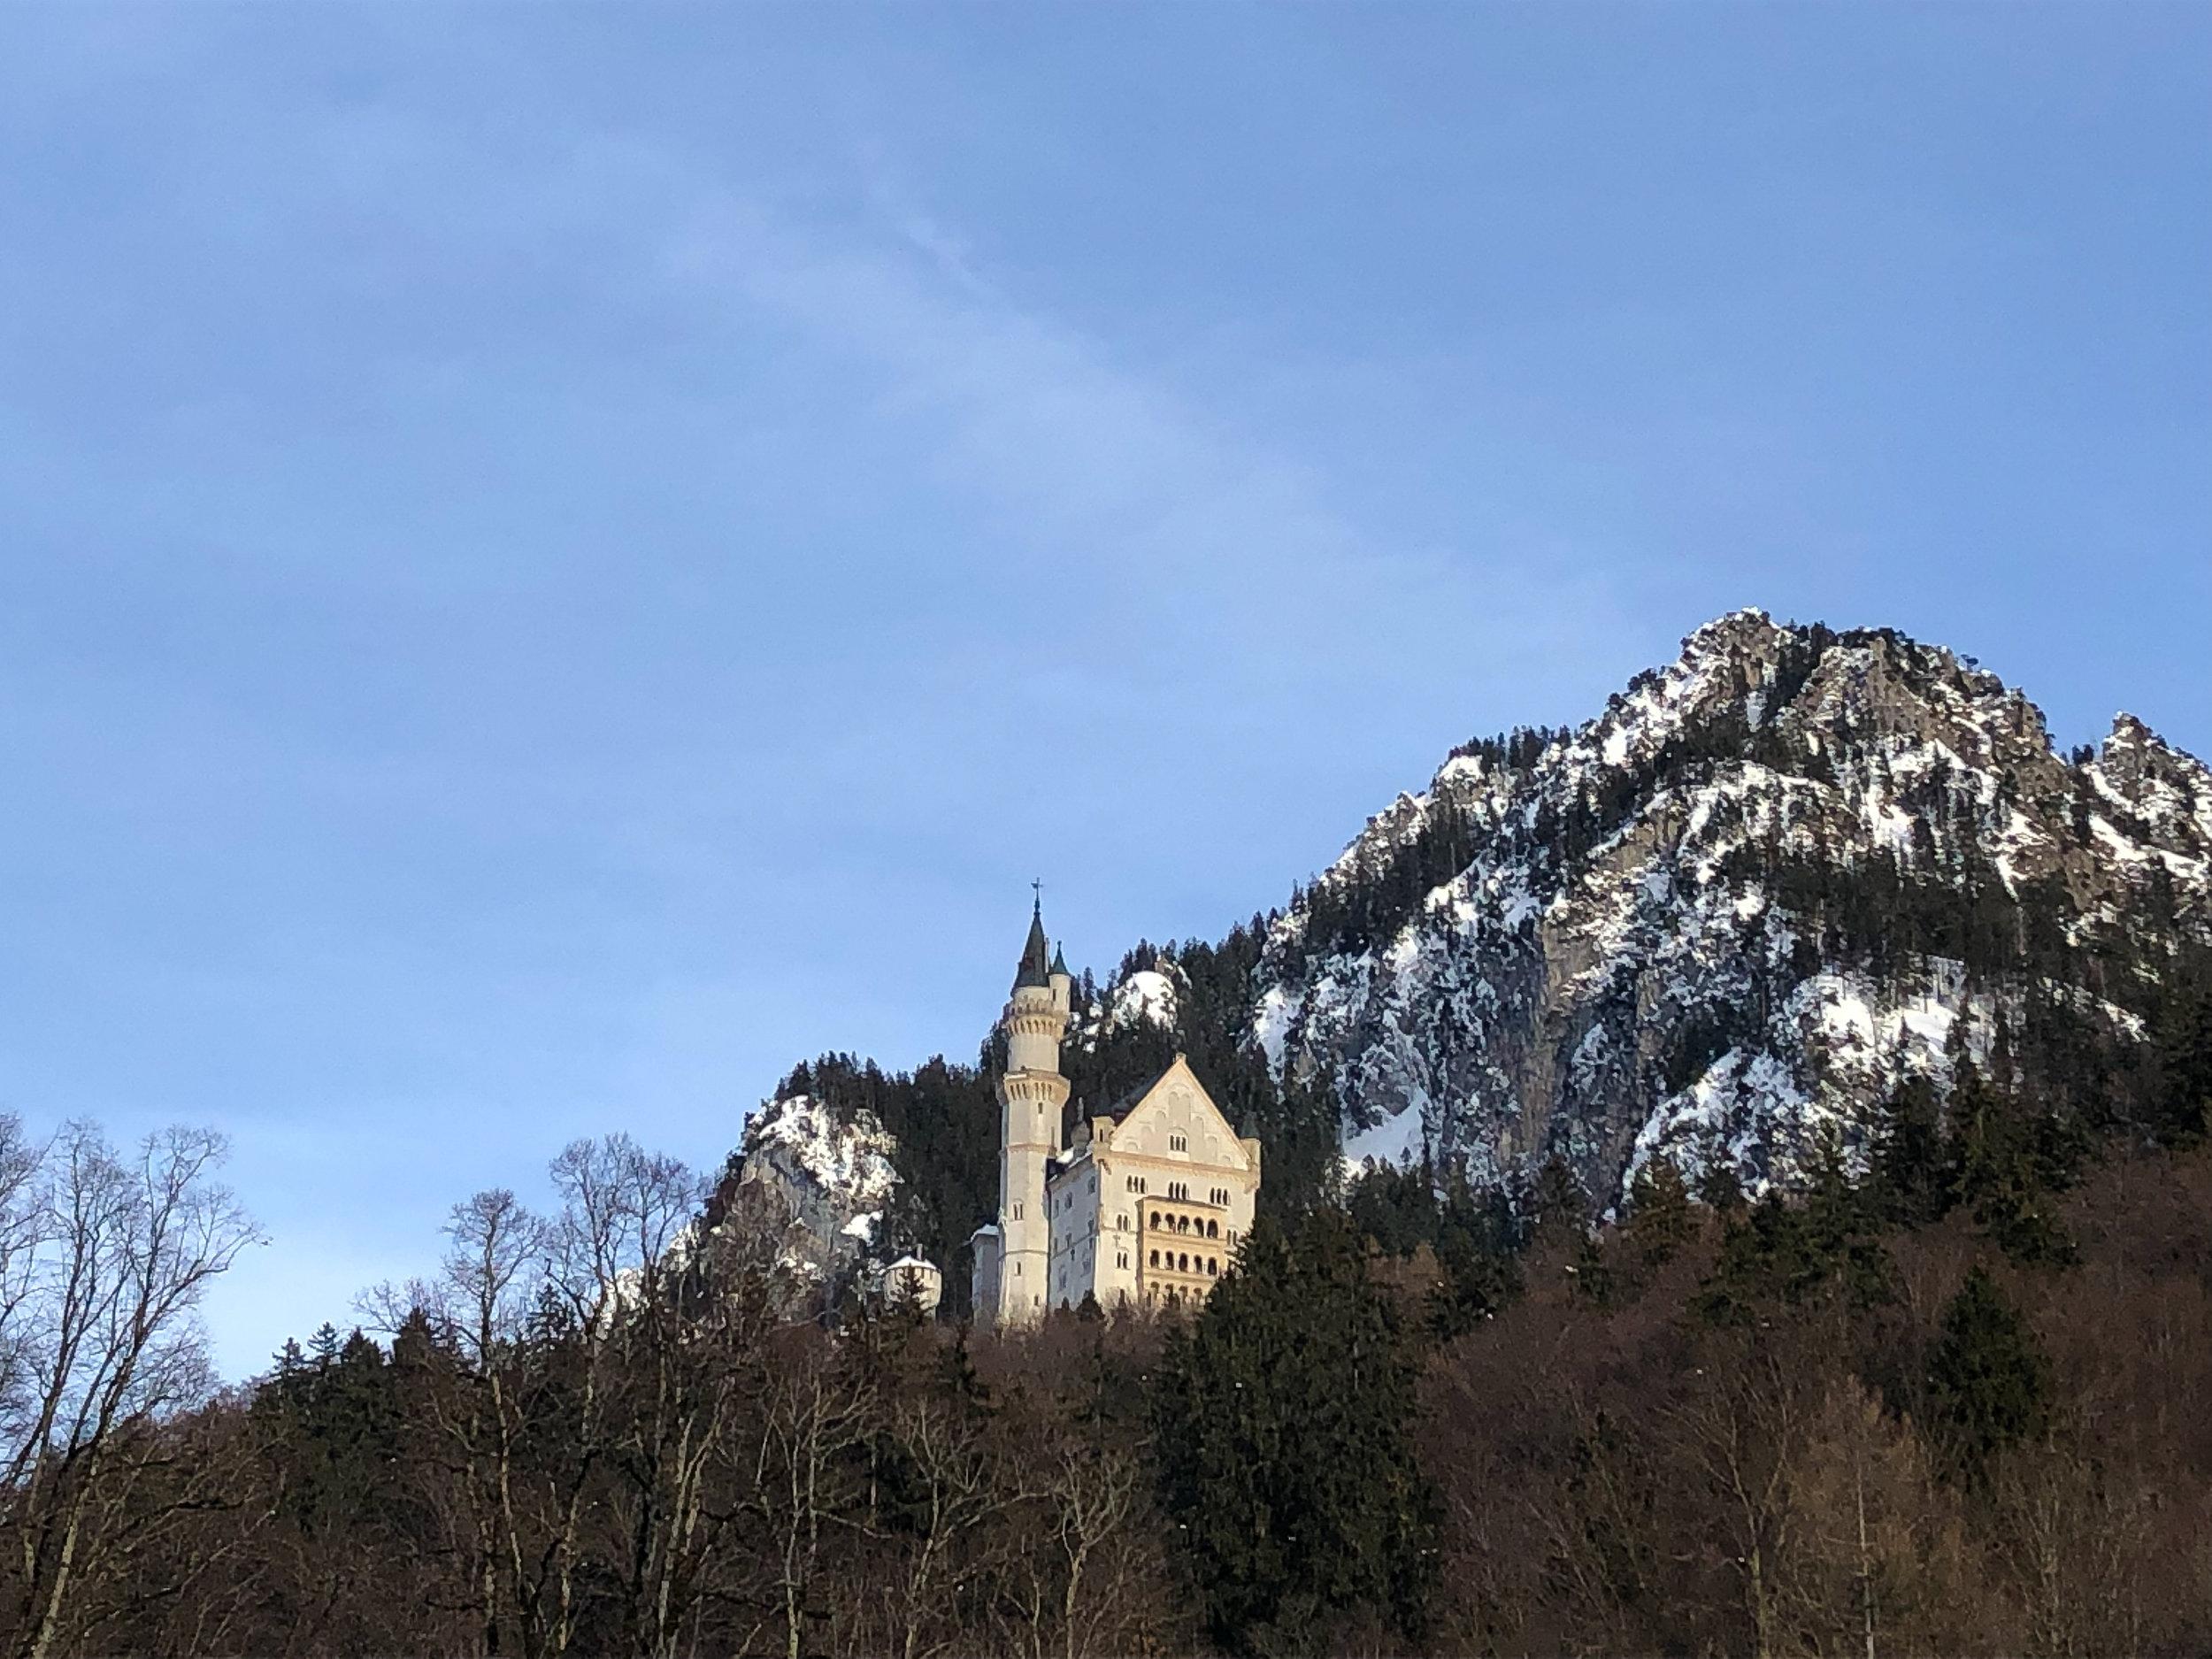 Neuschwanstein Schloß in the winter.